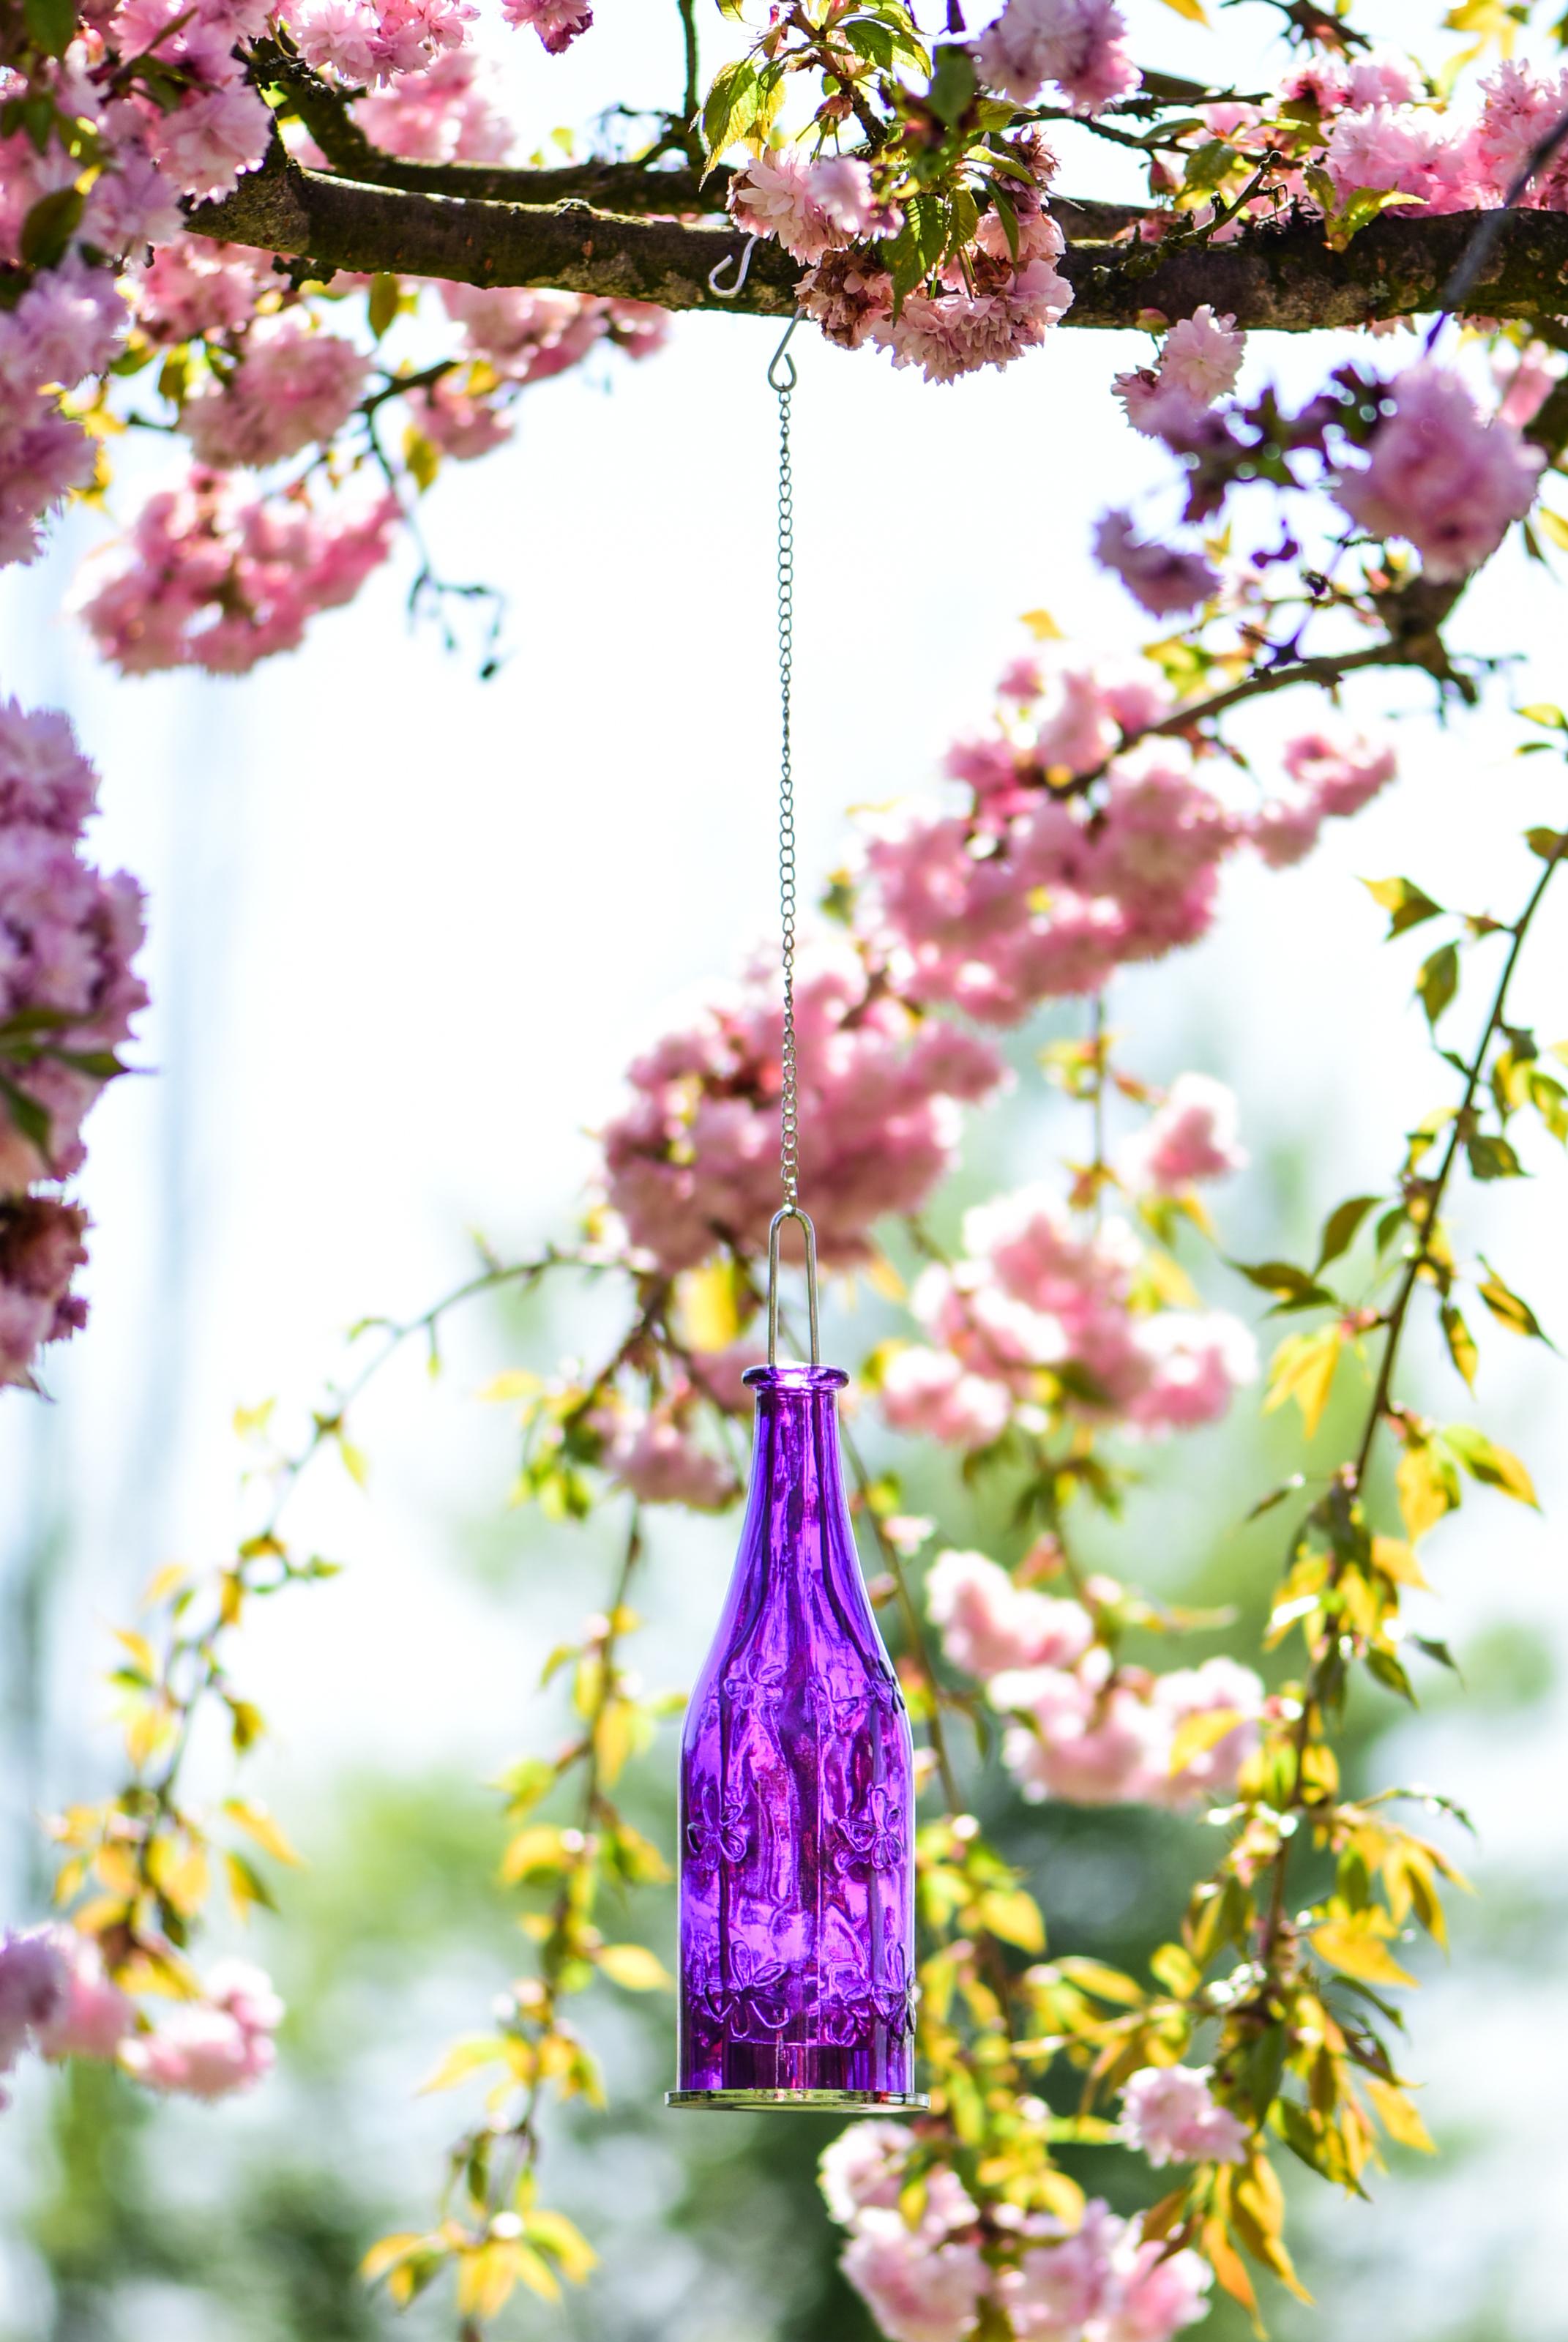 Barevná lahev závěsný svícen  fialový